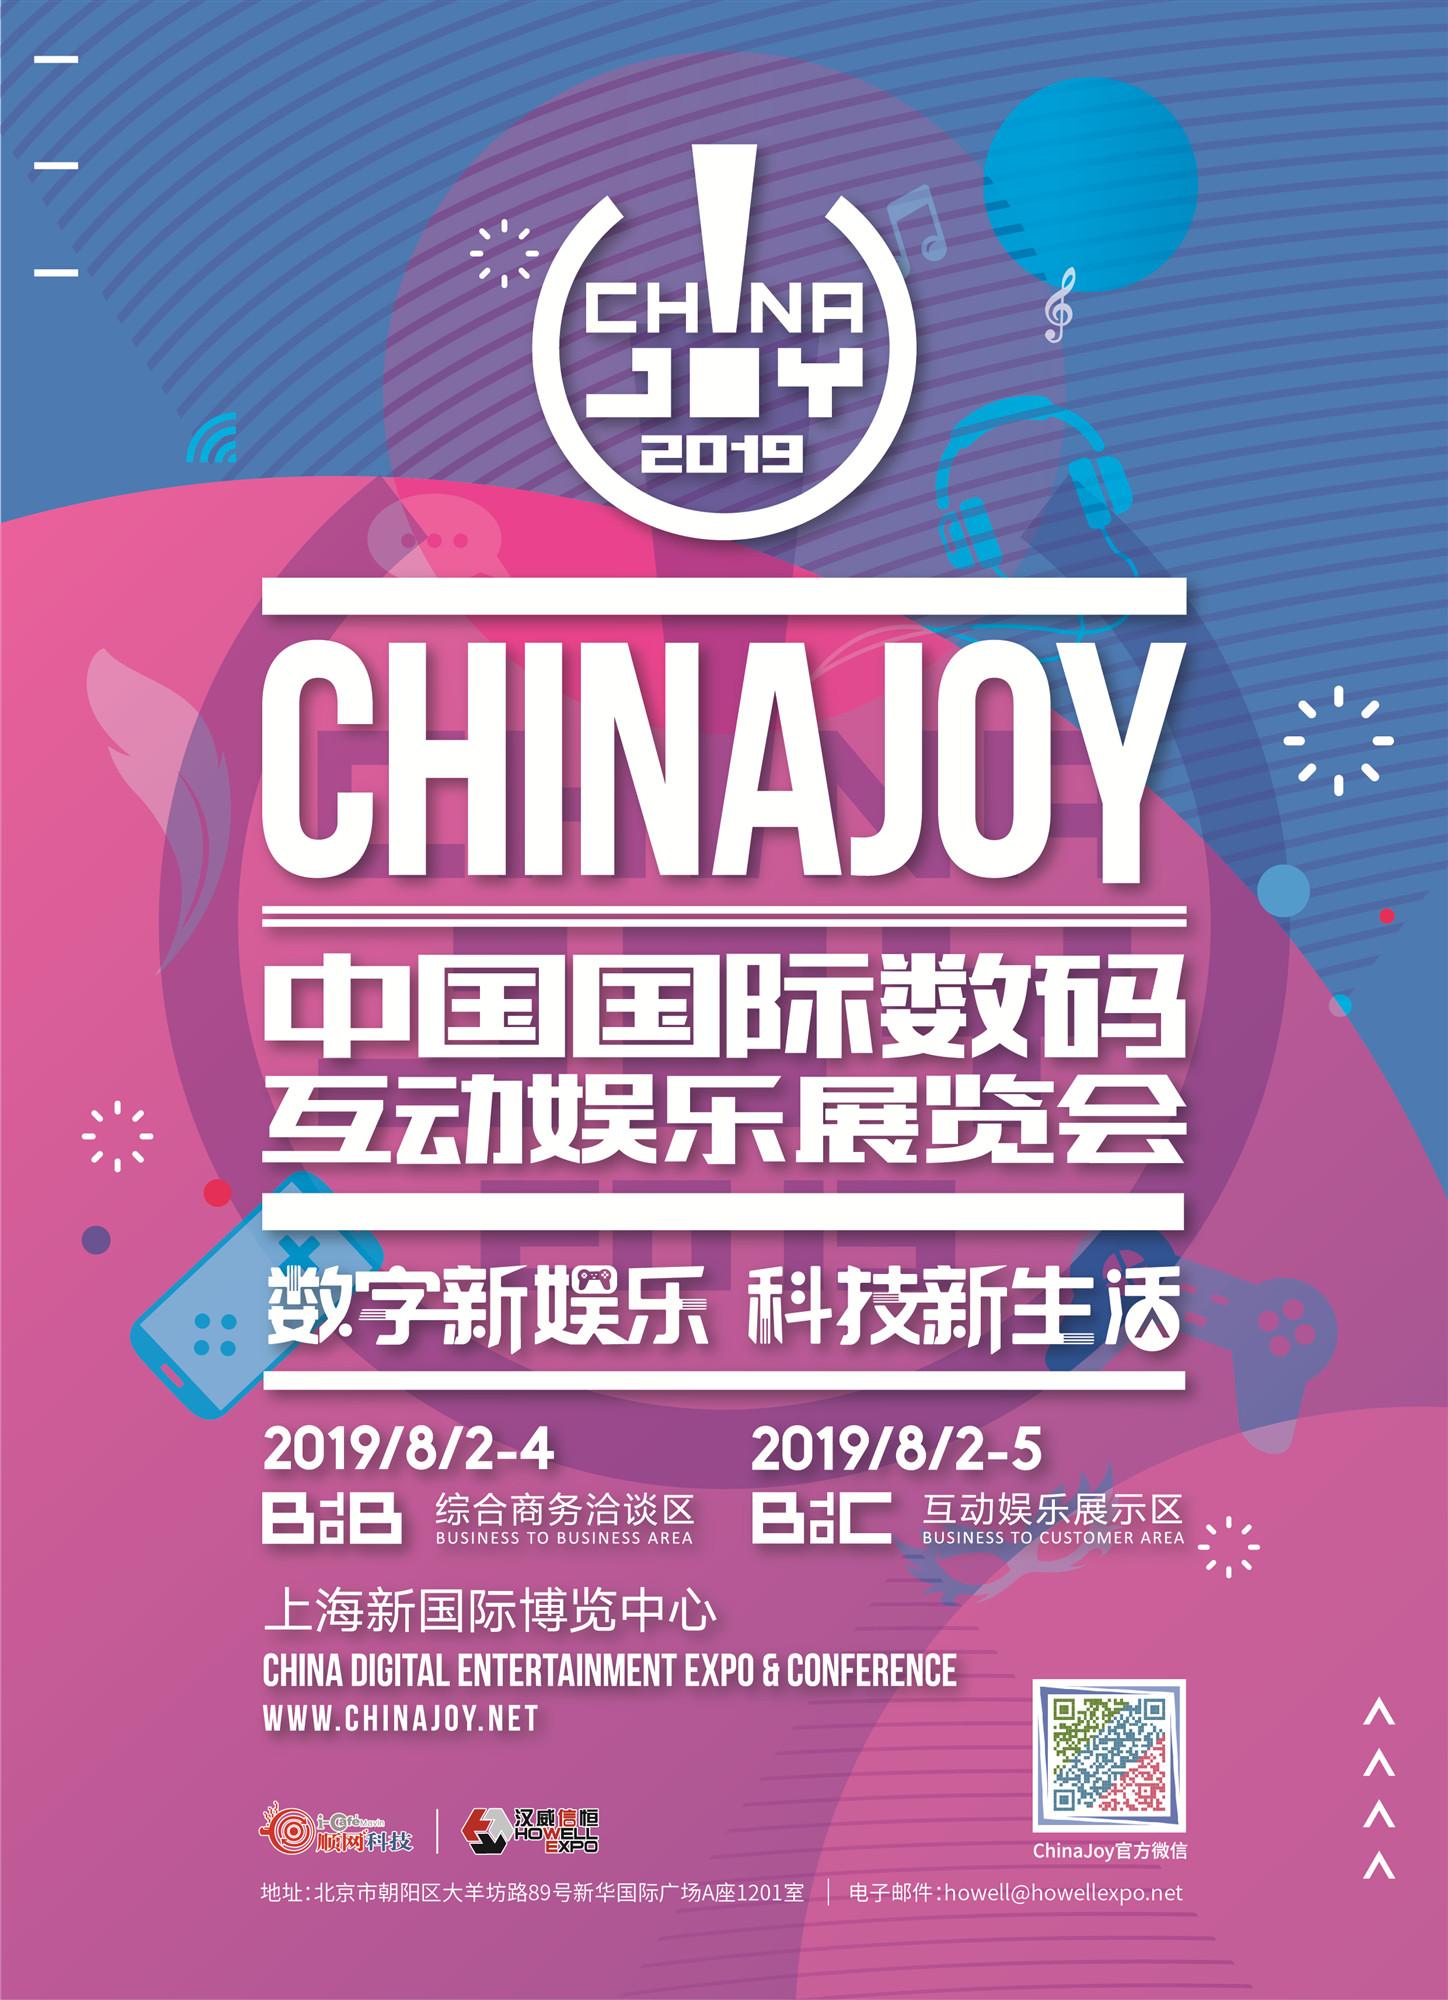 北京时空立方确认参展2019ChinaJoyBTOB!